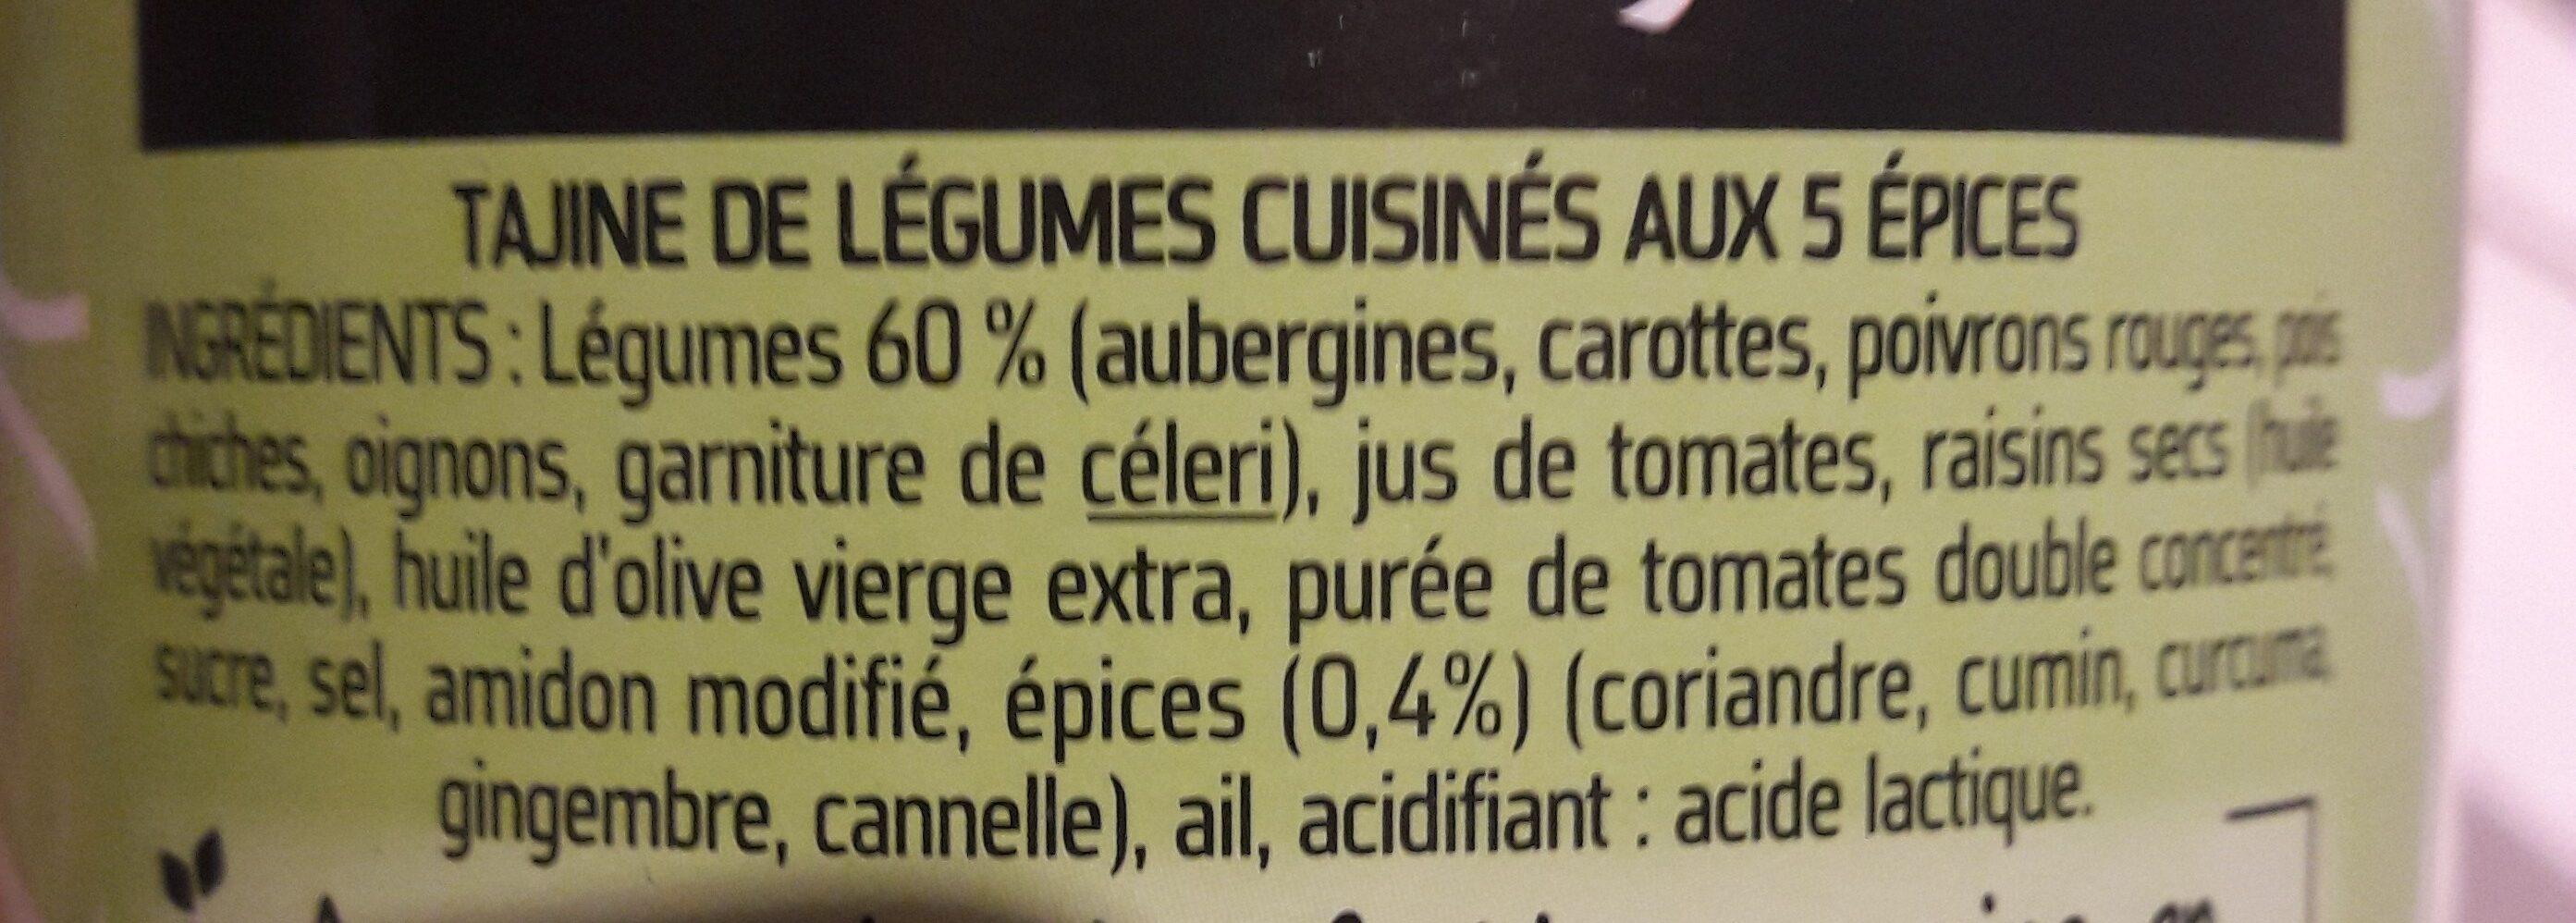 Tajine de légume (lot familial) - Ingrédients